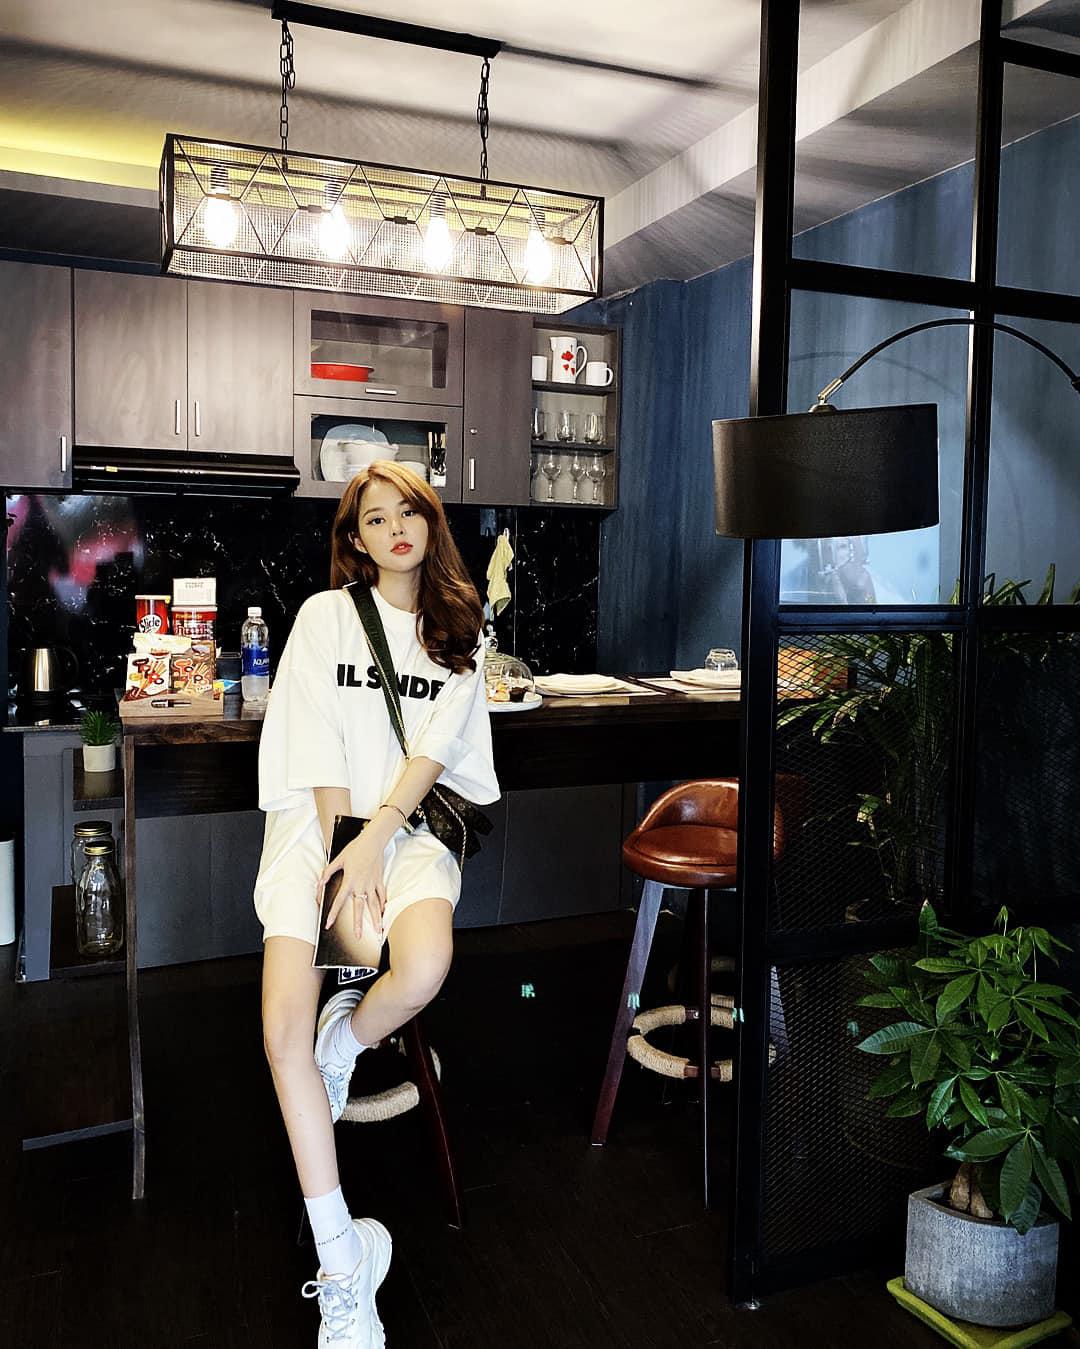 Gia Hân - Cô nàng xinh đẹp của ĐH Hồng Bàng với phong cách phối đồ chuẩn fashionista - Ảnh 7.